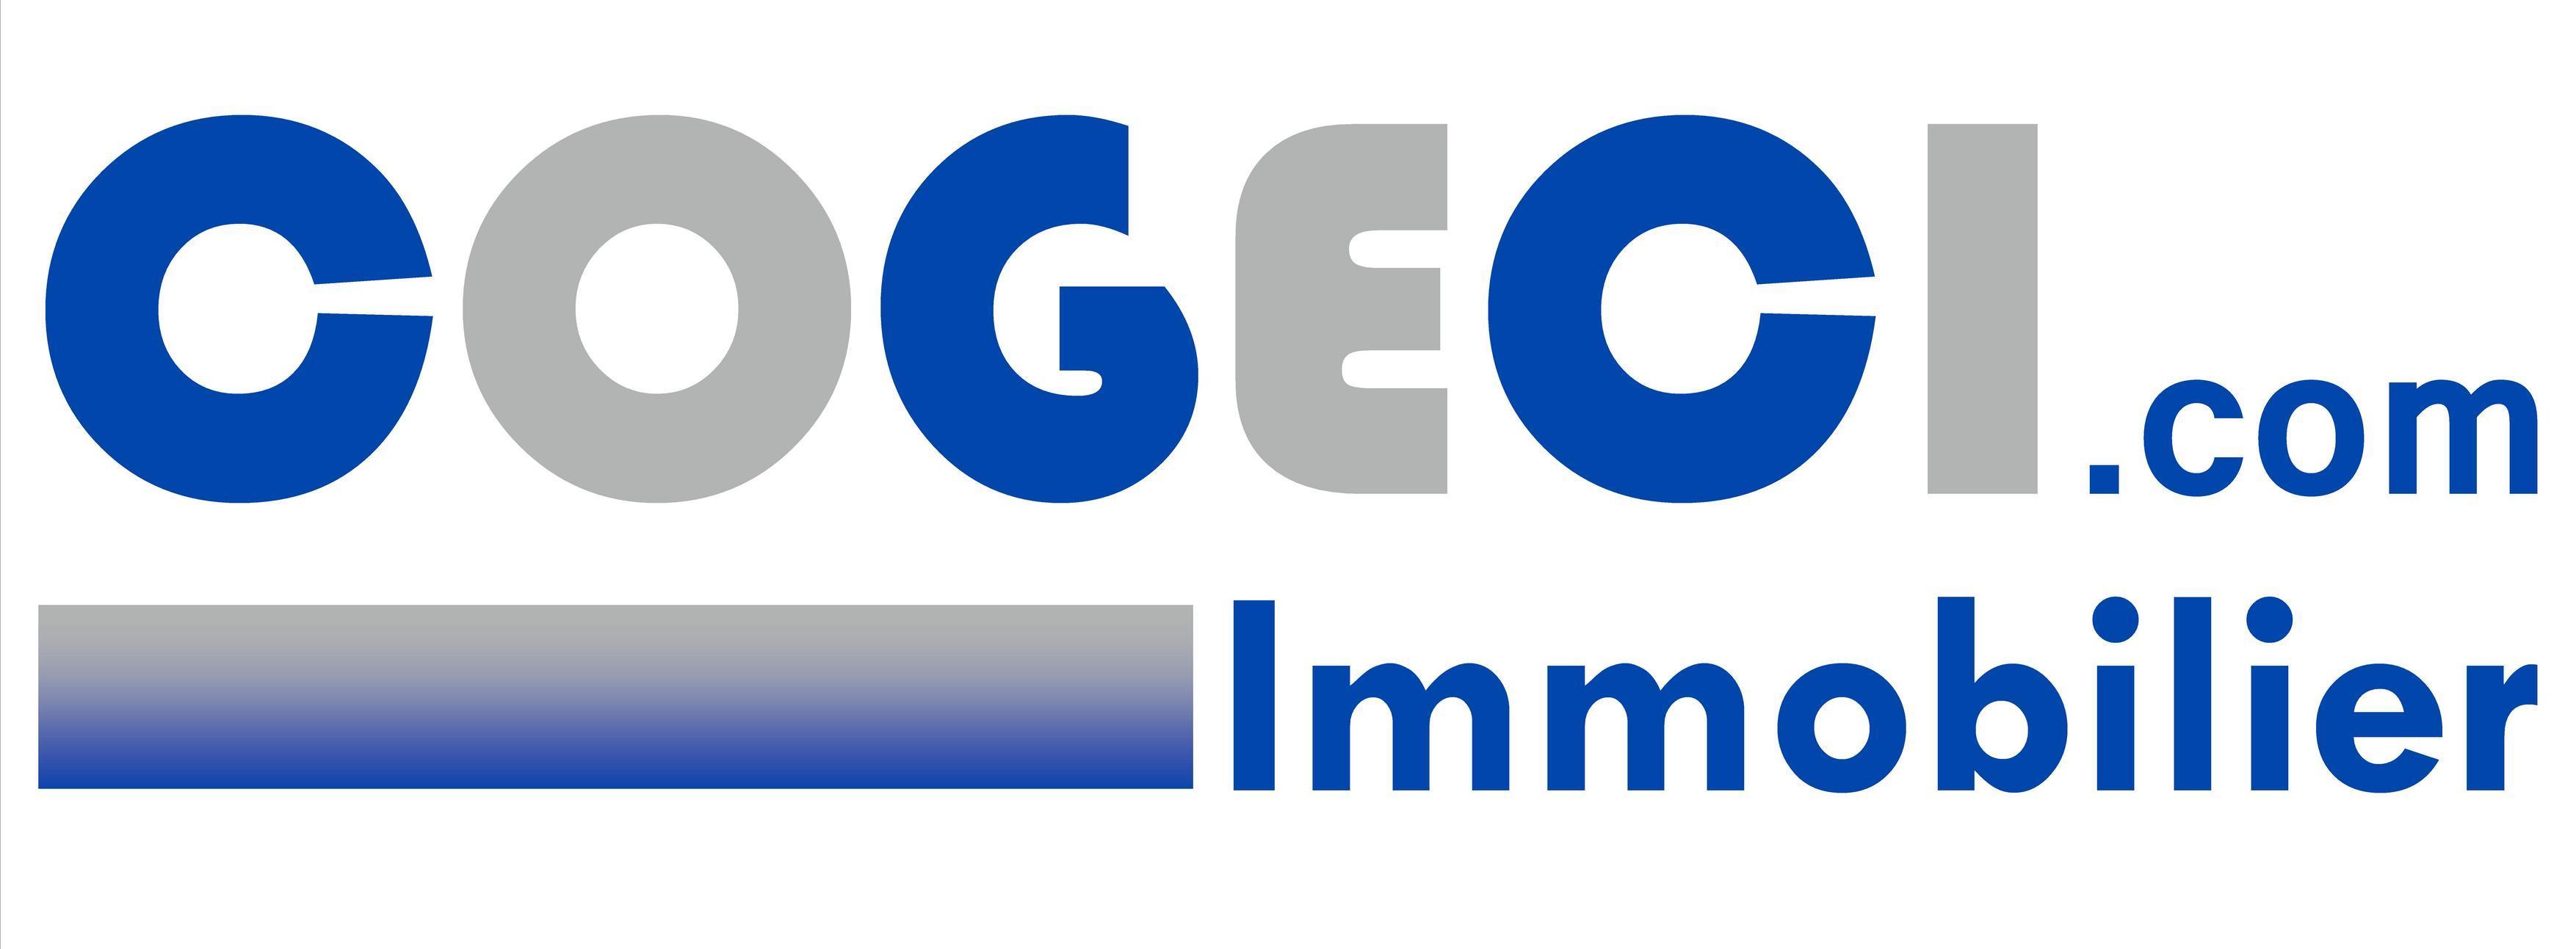 Cogeci Immobilier agence immobilière Toulouse (31500)